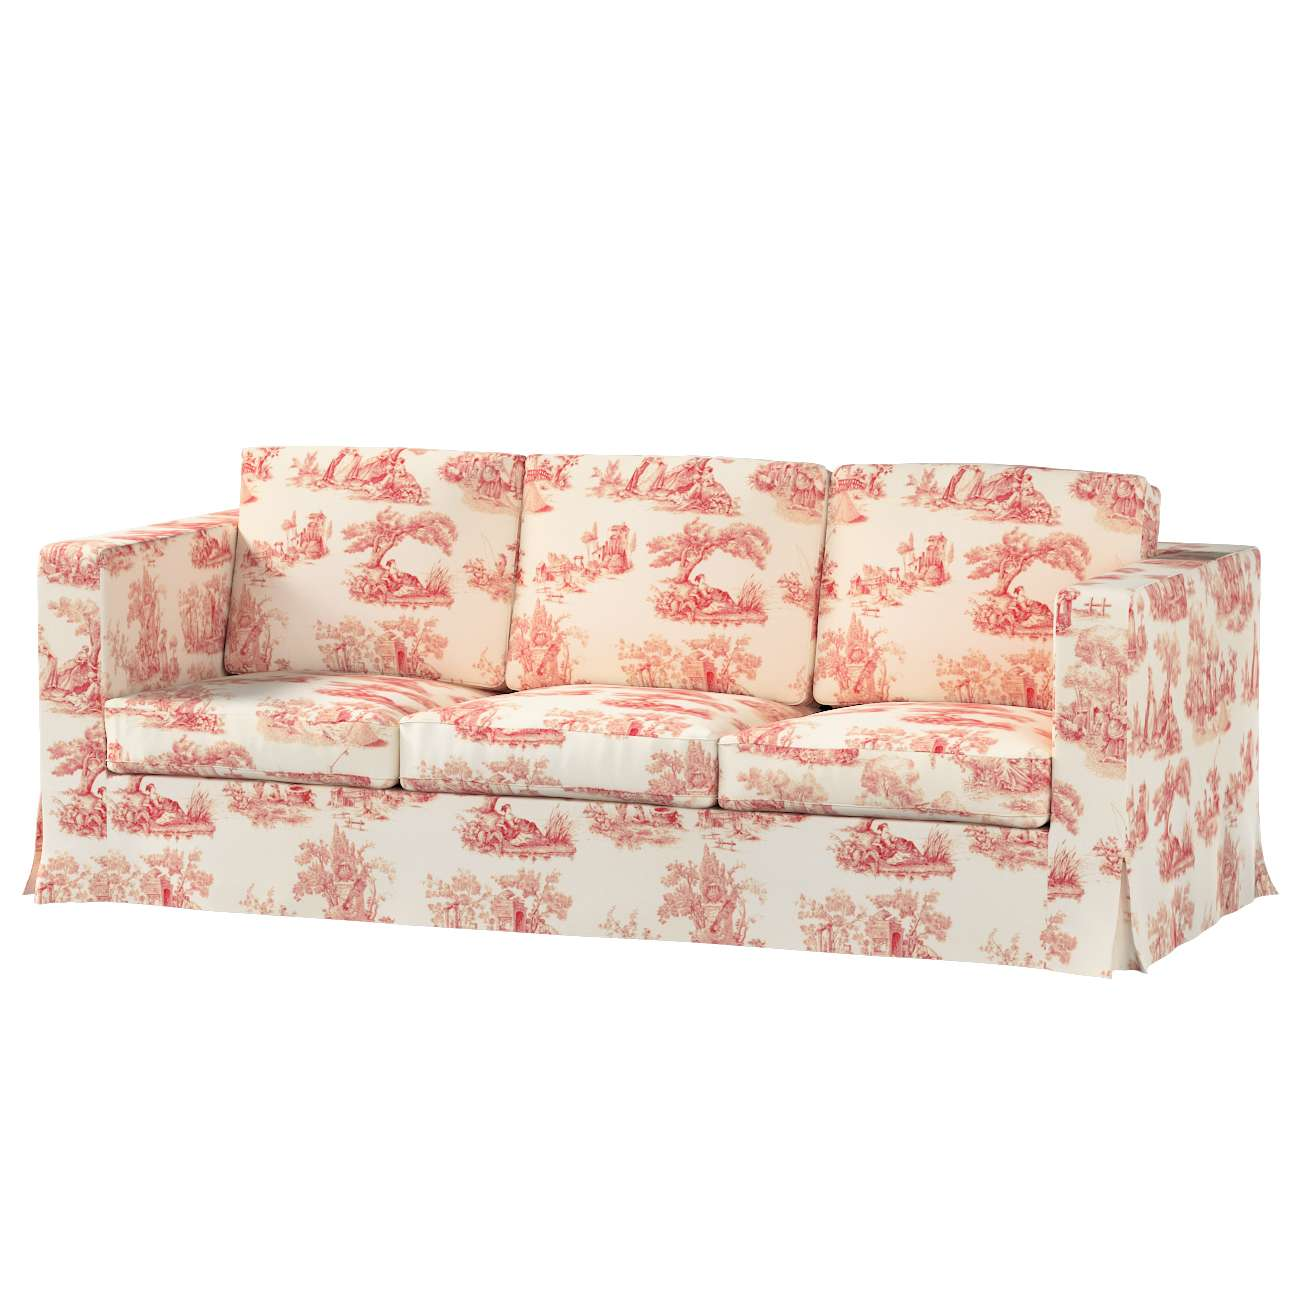 KARLANDA trivietės sofos iki žemės užvalkalas KARLANDA trivietės sofos iki žemės užvalkalas kolekcijoje Avinon, audinys: 132-15